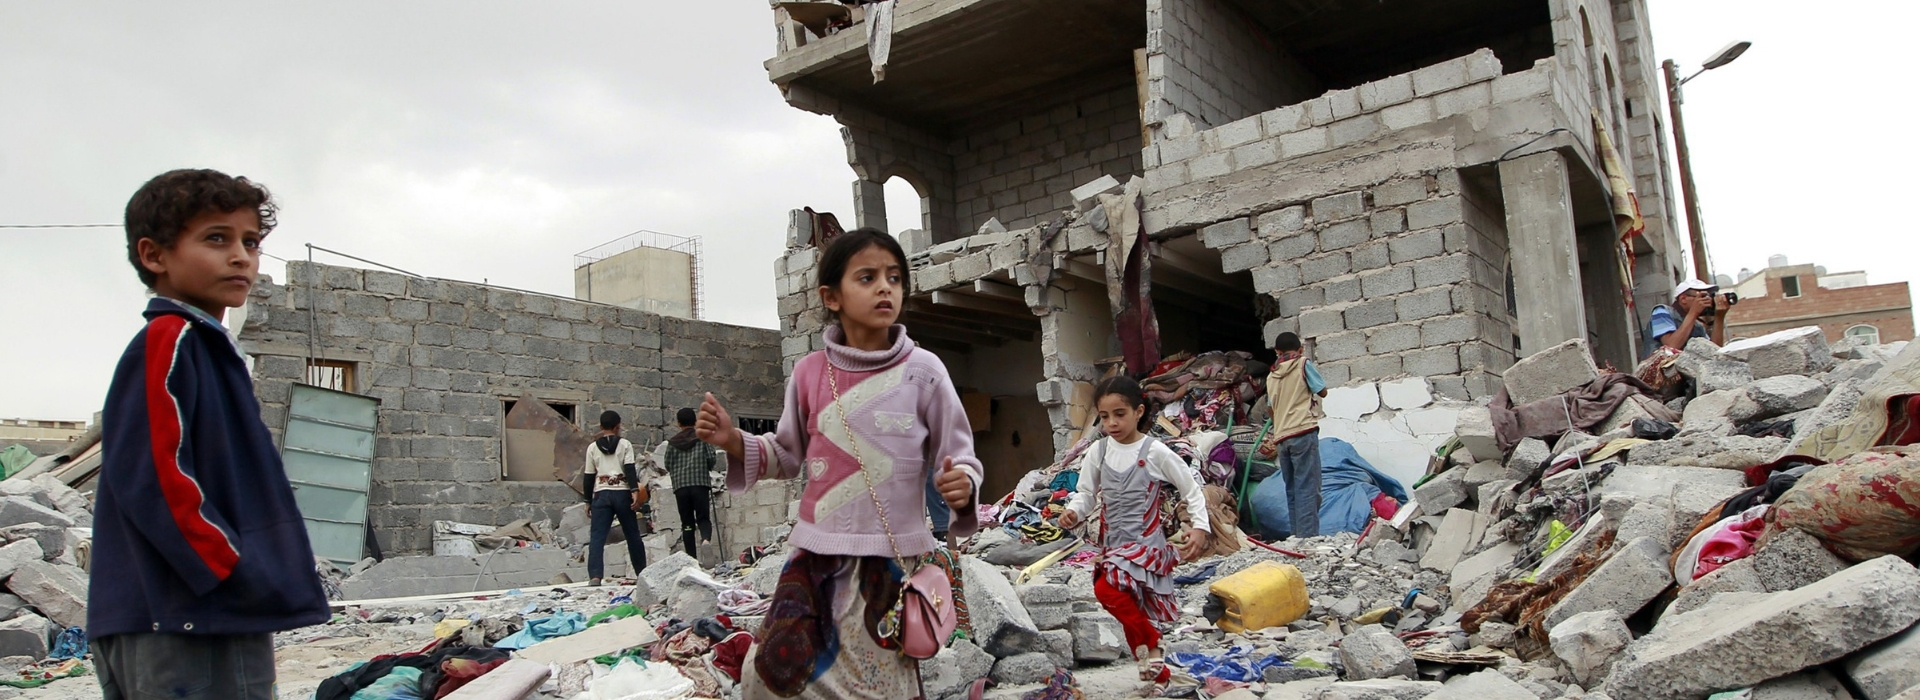 Yemen, il terrore delle milizie, minorenni stuprati nella città di Ta'iz